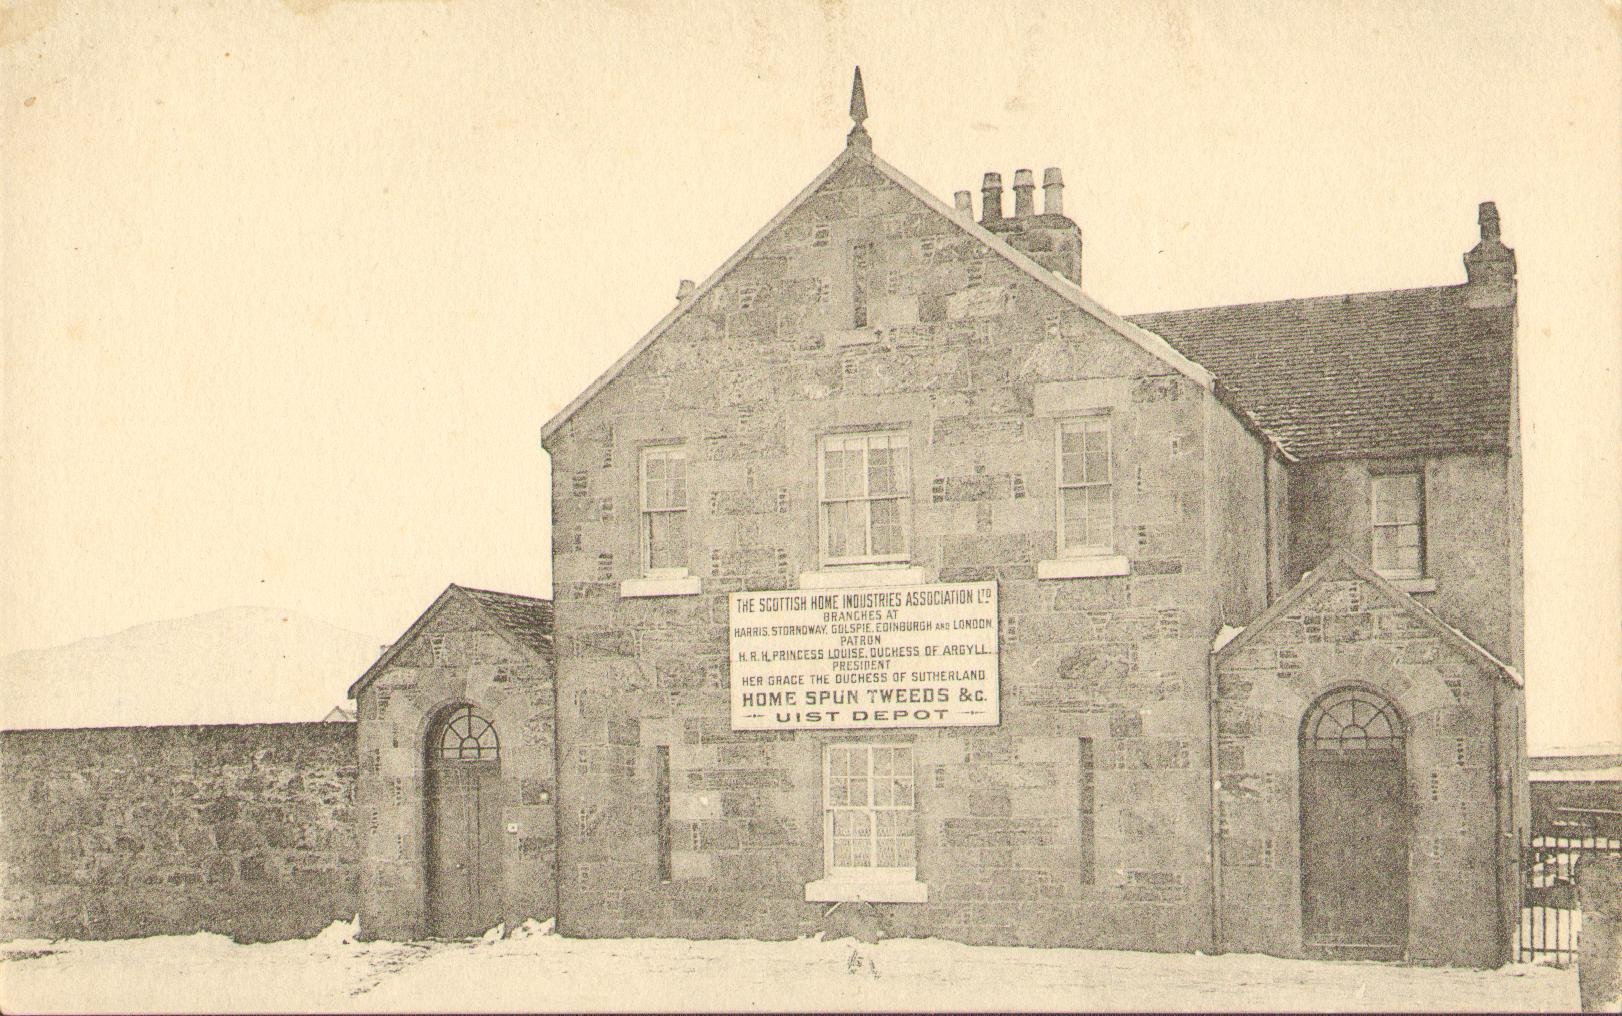 Home Spun Tweeds, Uist Depot, Lochmaddy